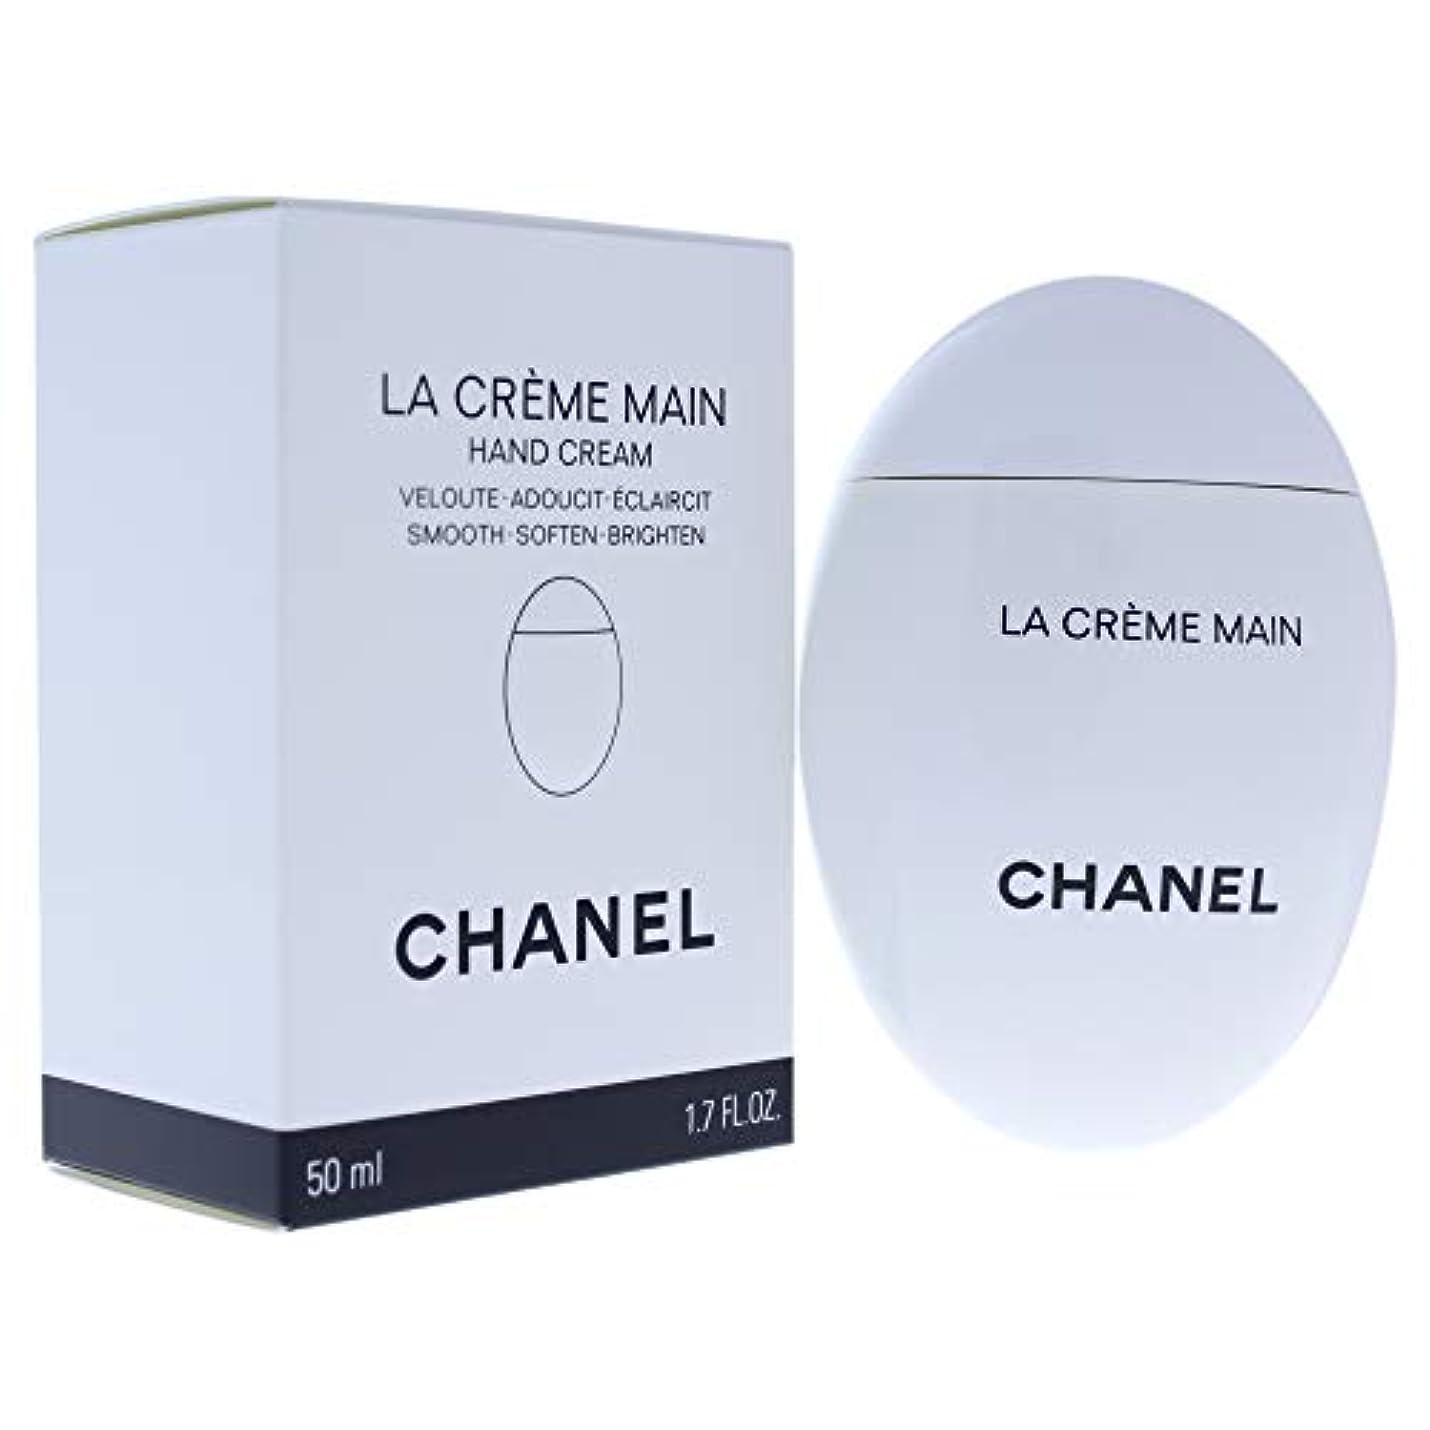 新しい意味アトラスコショウCHANEL LA CRÈME MAIN シャネル ラ クレーム マン ハンドクリーム 50ml